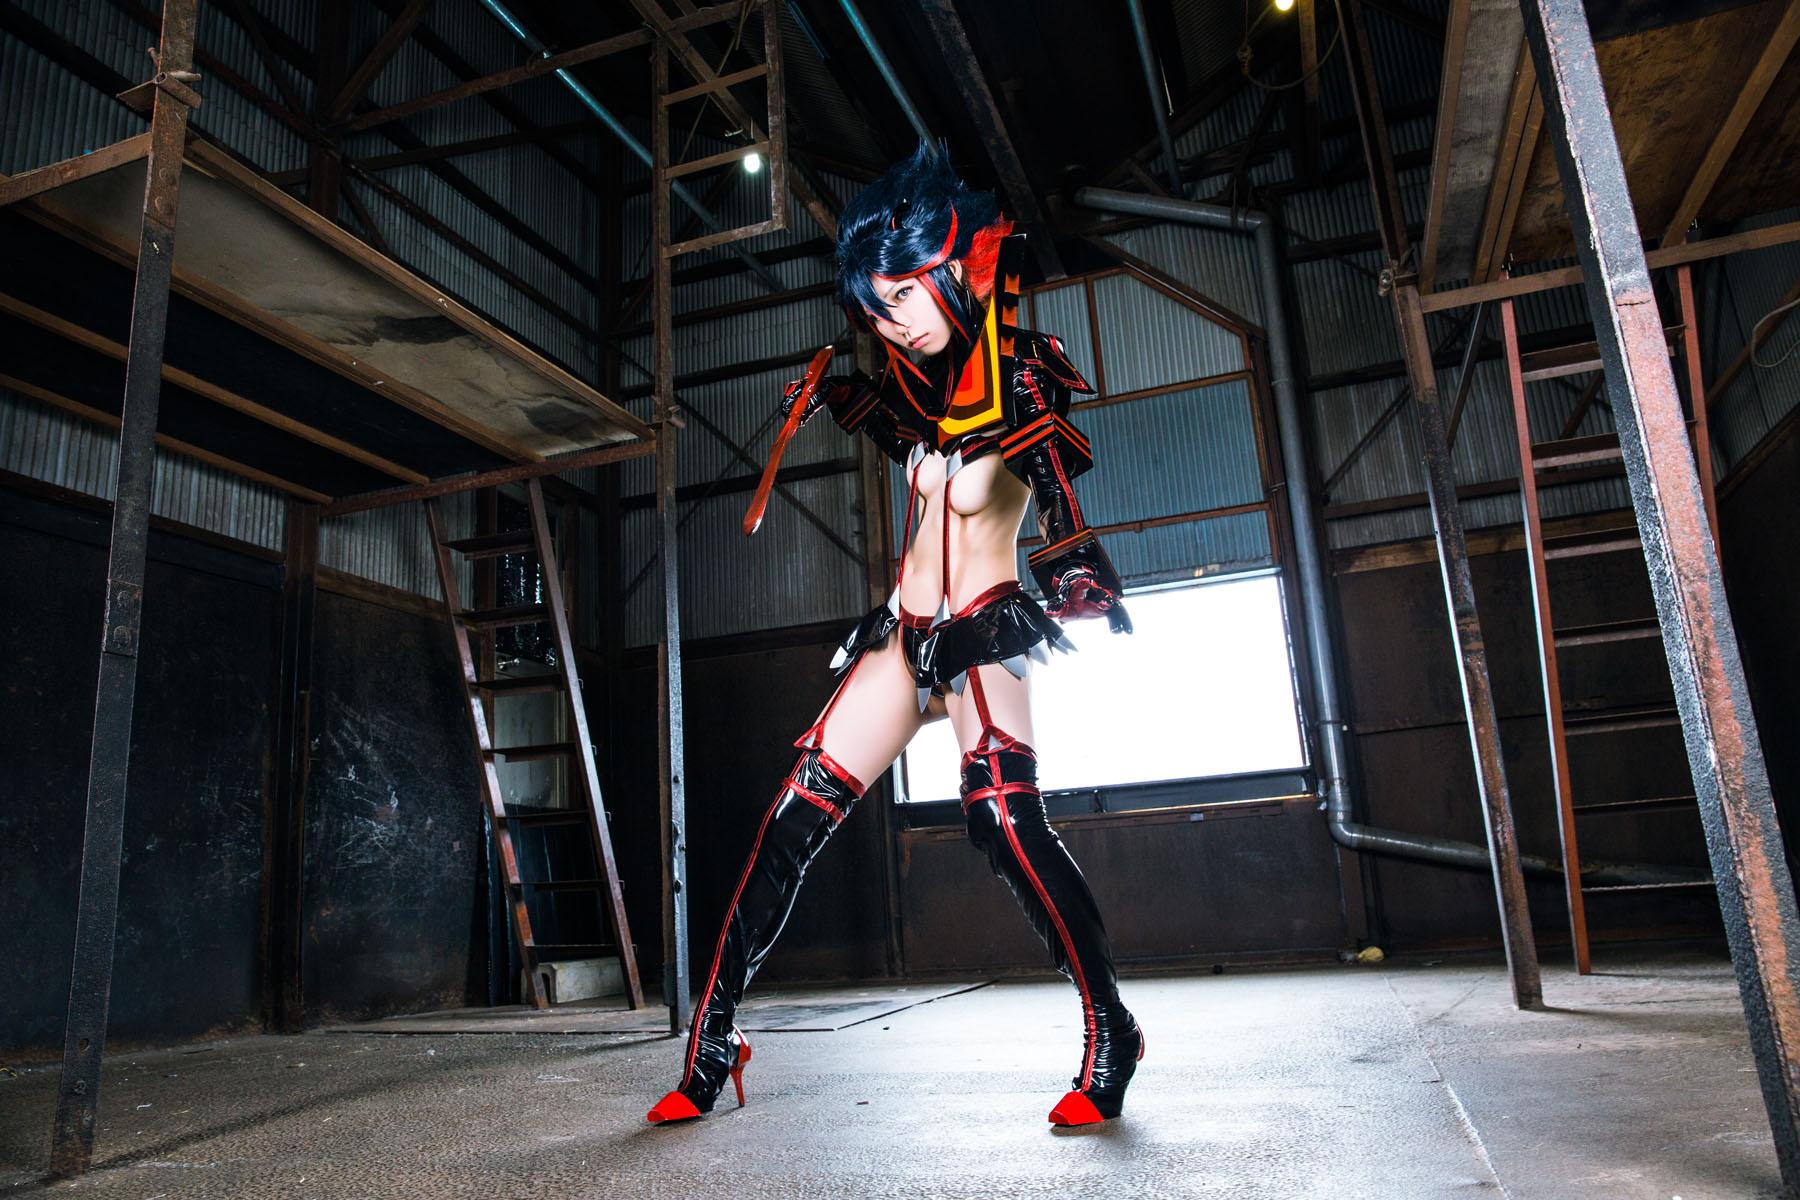 Kill la Kill Ryuuko Matoi anime cosplay by Mikehouse 0027